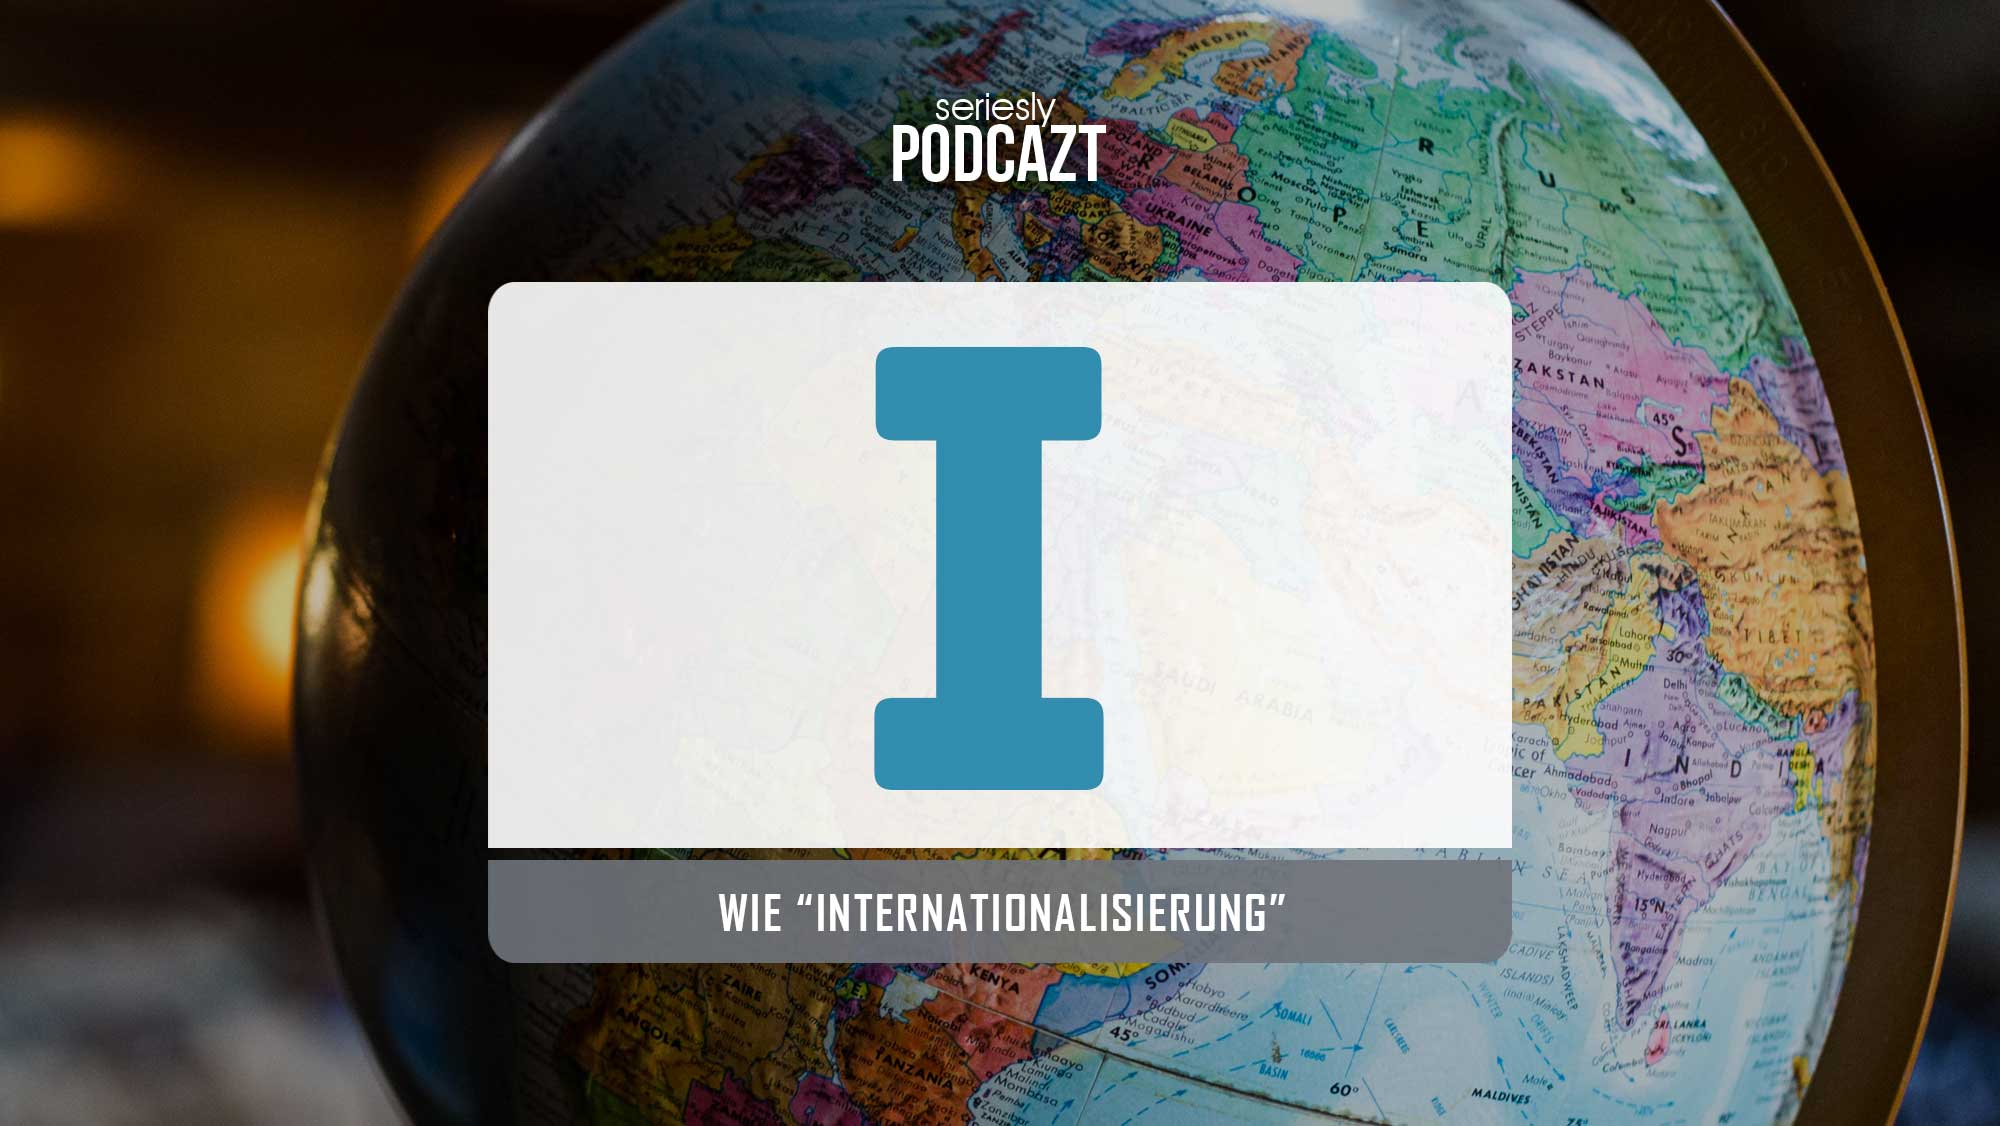 Ich rede im Podcast über die Internationalisierung von Serien